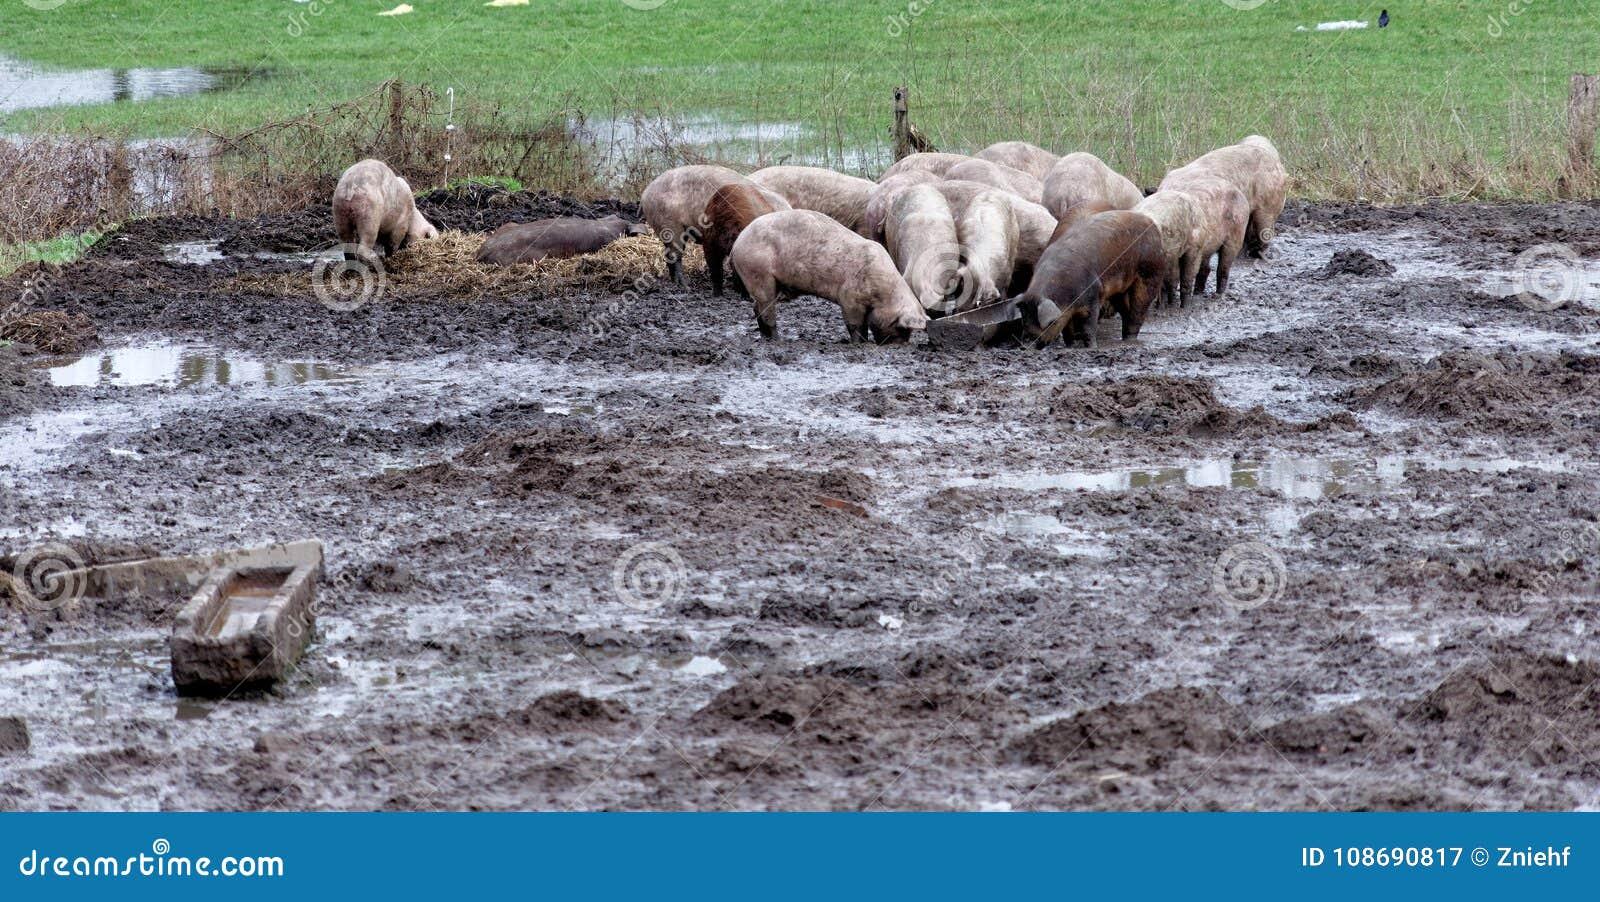 Gelukkige varkens op een organisch landbouwbedrijf in de modder, het vrije lopen en zonder smalle stabiel, organisch waardevol en